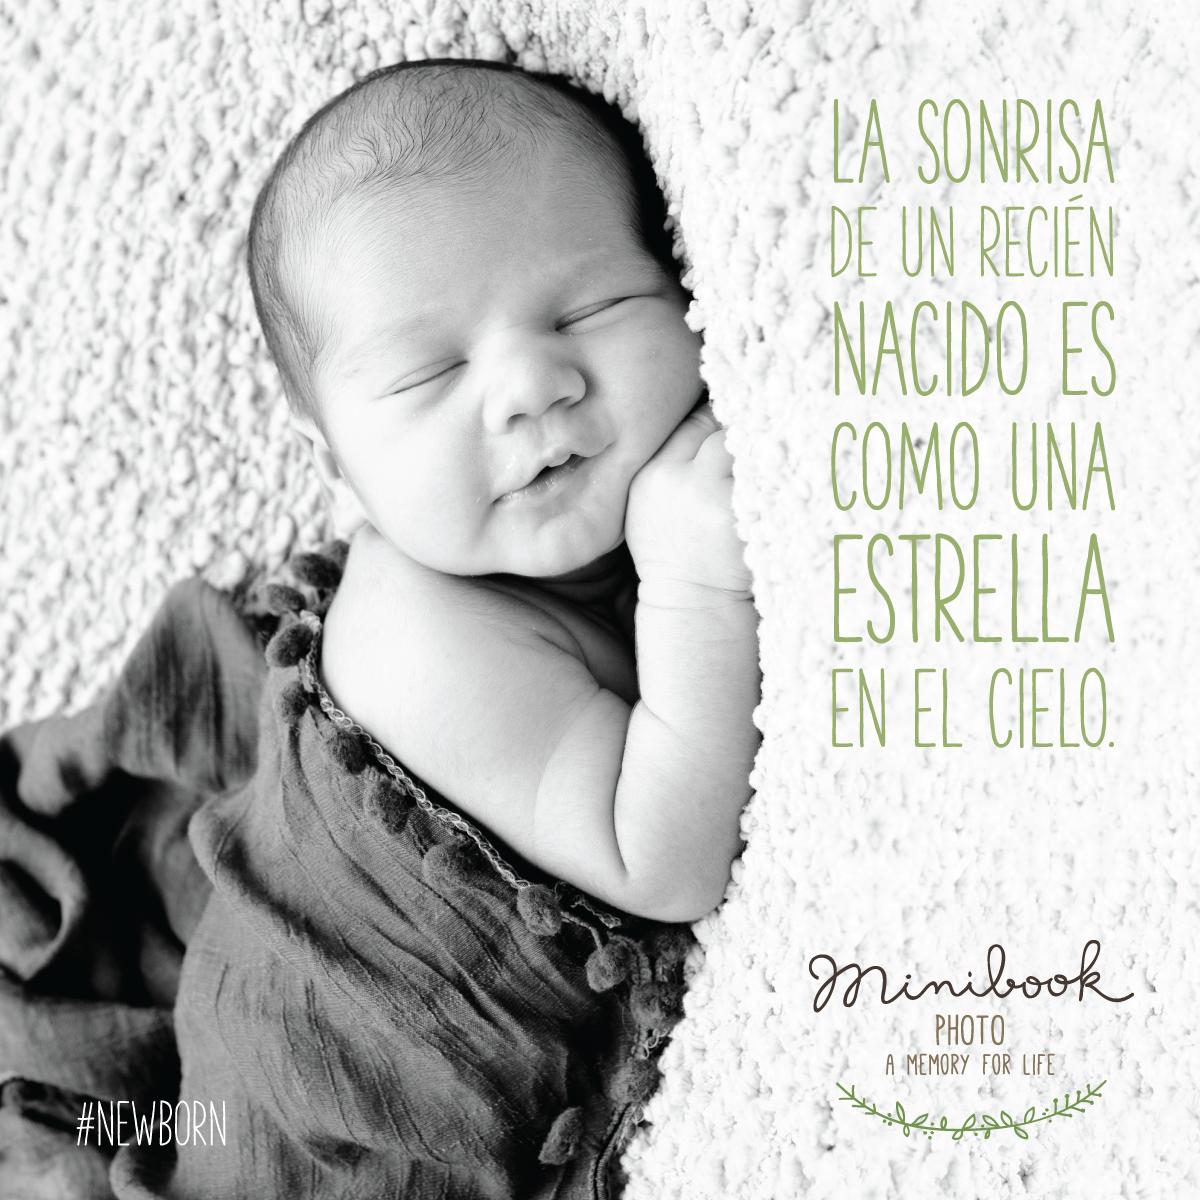 La Sonrisa De Un Recién Nacido Es Como Una Estrella En El